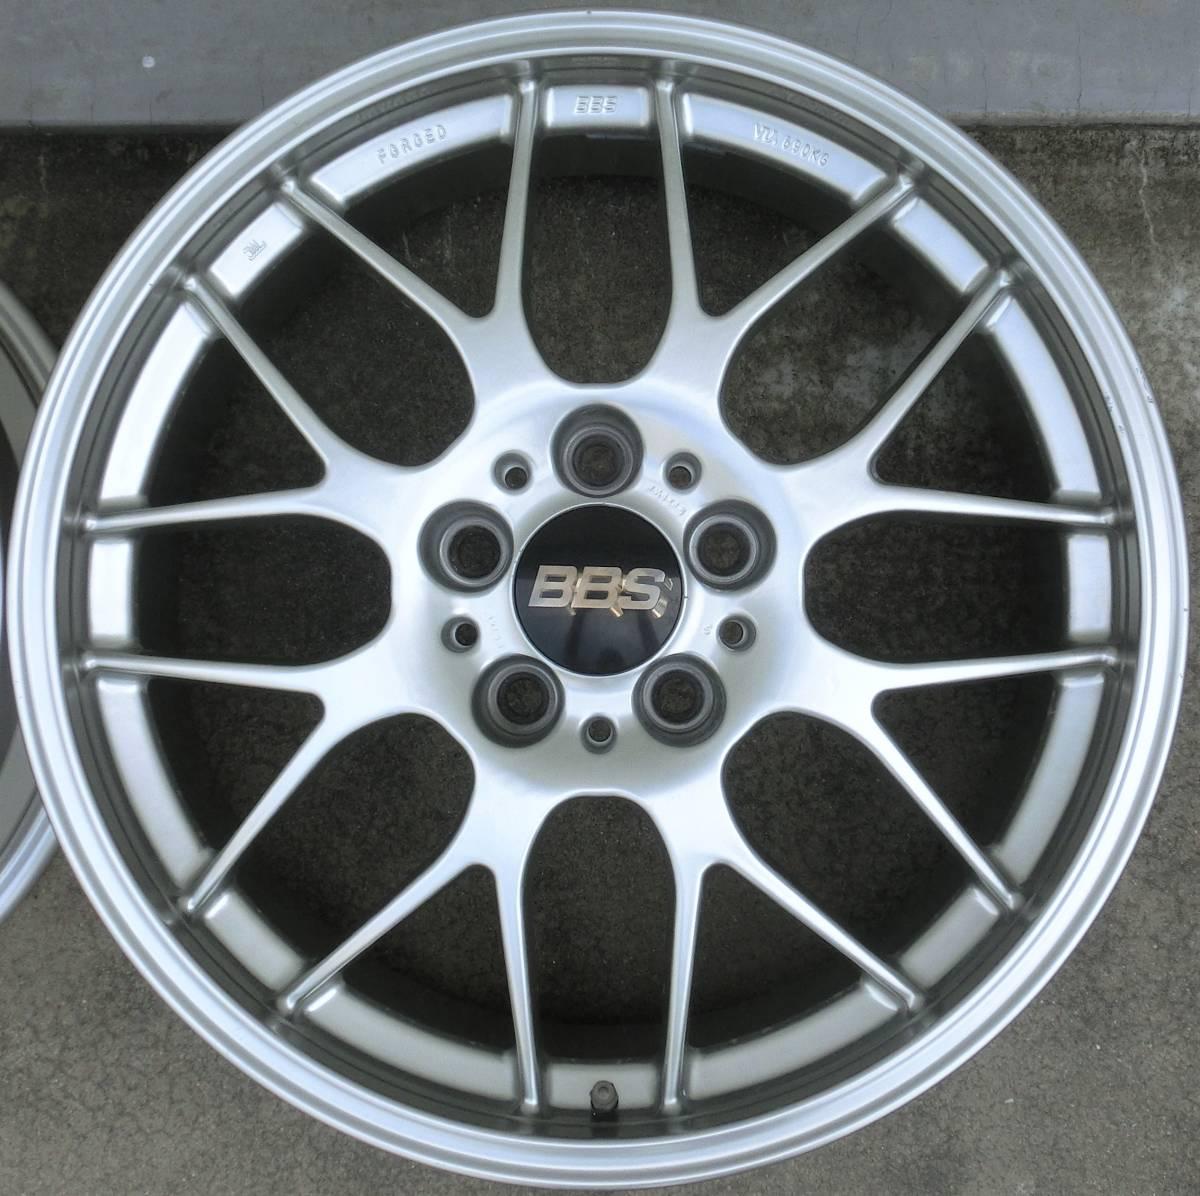 BBS RG-R 18x7.5J+50 114.3 5H RG749 ノア ボクシー C-HR ステップワゴン オデッセイ エリシオン CX-5 CX-3 アクセラRS-GT RFレイズCE28N_画像5